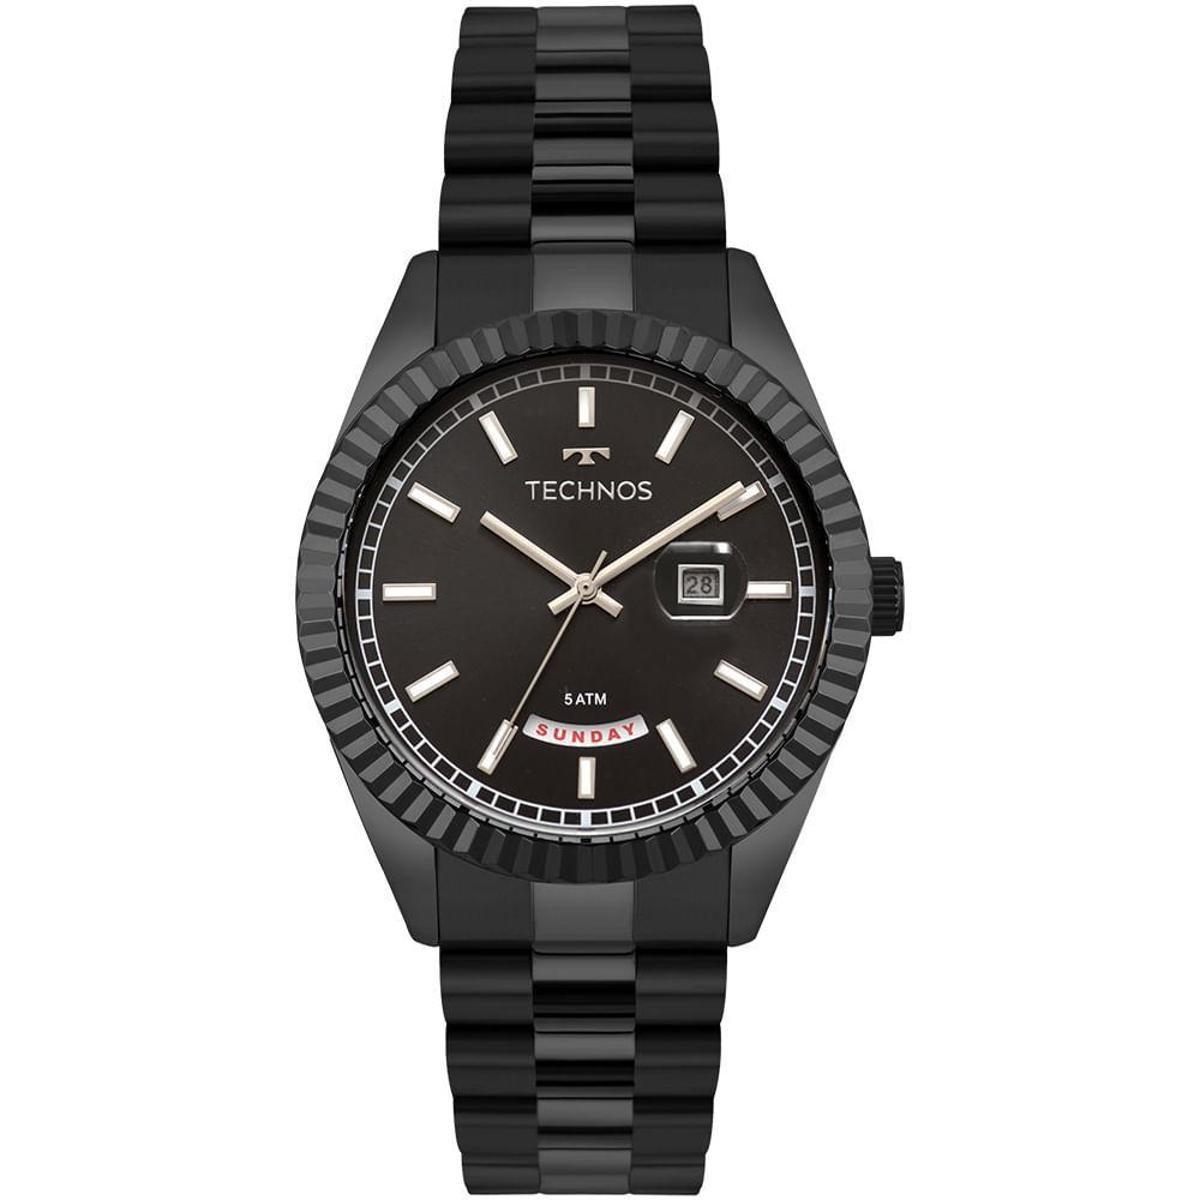 634e8fc2006 Relógio Technos Masculino Riviera - 2350AC 4P 2350AC 4P - Compre Agora